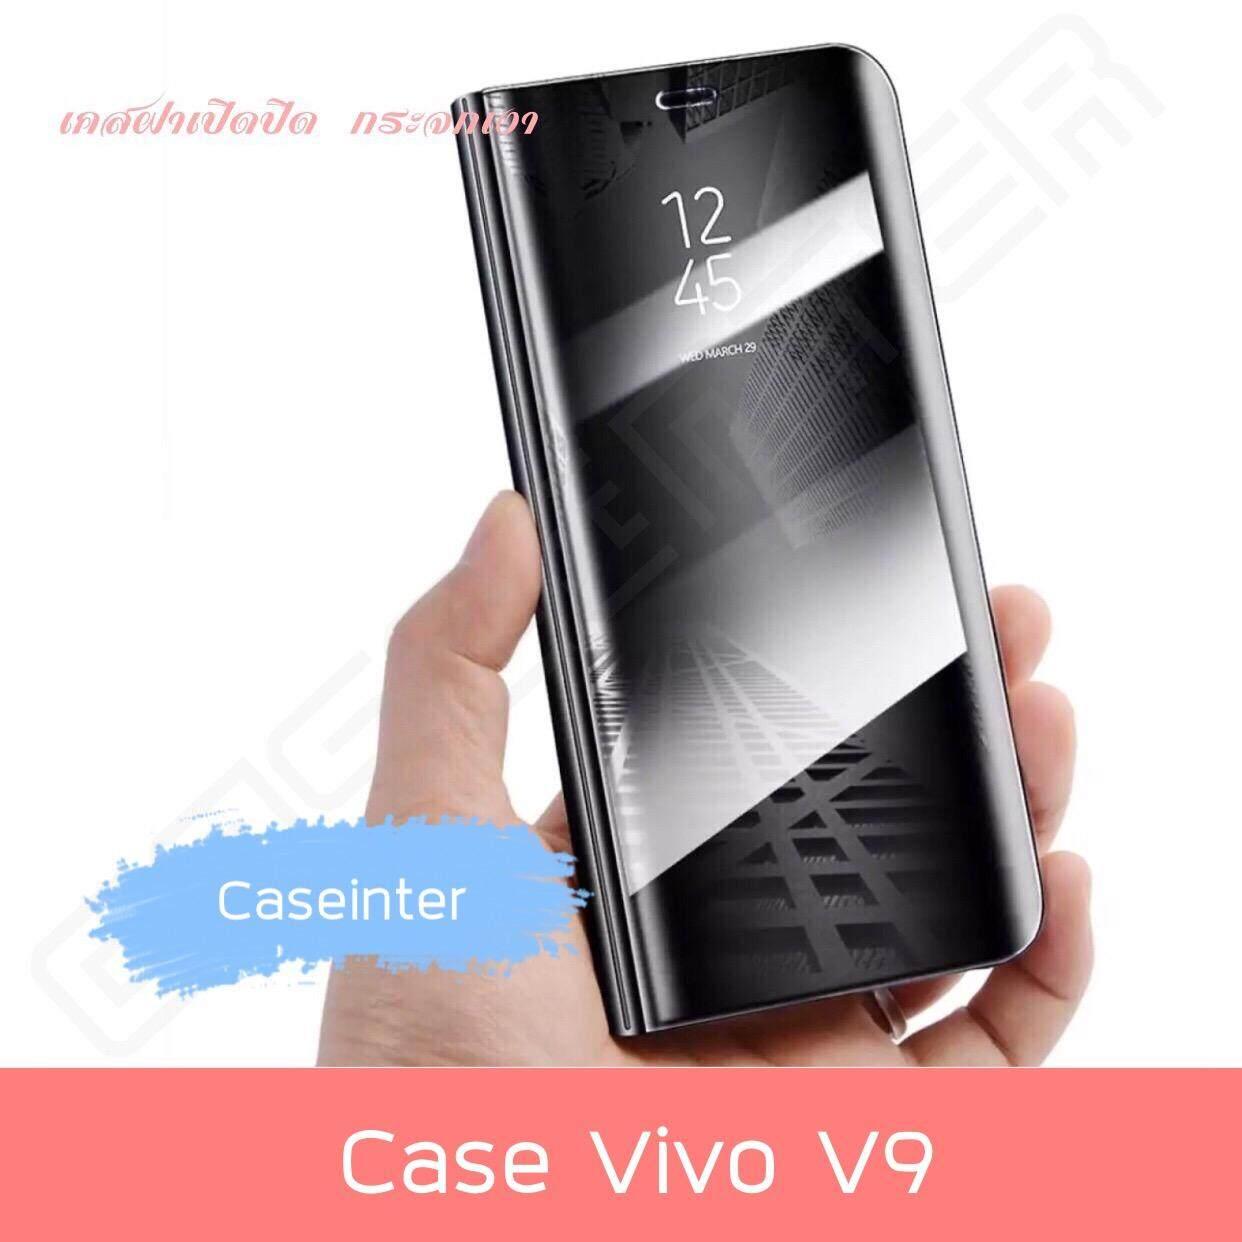 พร้อมส่งทันที เคสเปิดปิดเงา สำหรับรุ่น Vivo V9 เคสวีโว่ Smart Case เคสวีโว่ วี9 เคสกระจก เคสฝาเปิดปิดเงา สมาร์ทเคส เคสตั้งได้ Vivo V9 Sleep Flip Mirror Leather Case With Stand Holder เคสมือถือ เคสโทรศัพท์ รับประกันความพอใจ ไม่ชอบยินดีคืนเงิน 100%